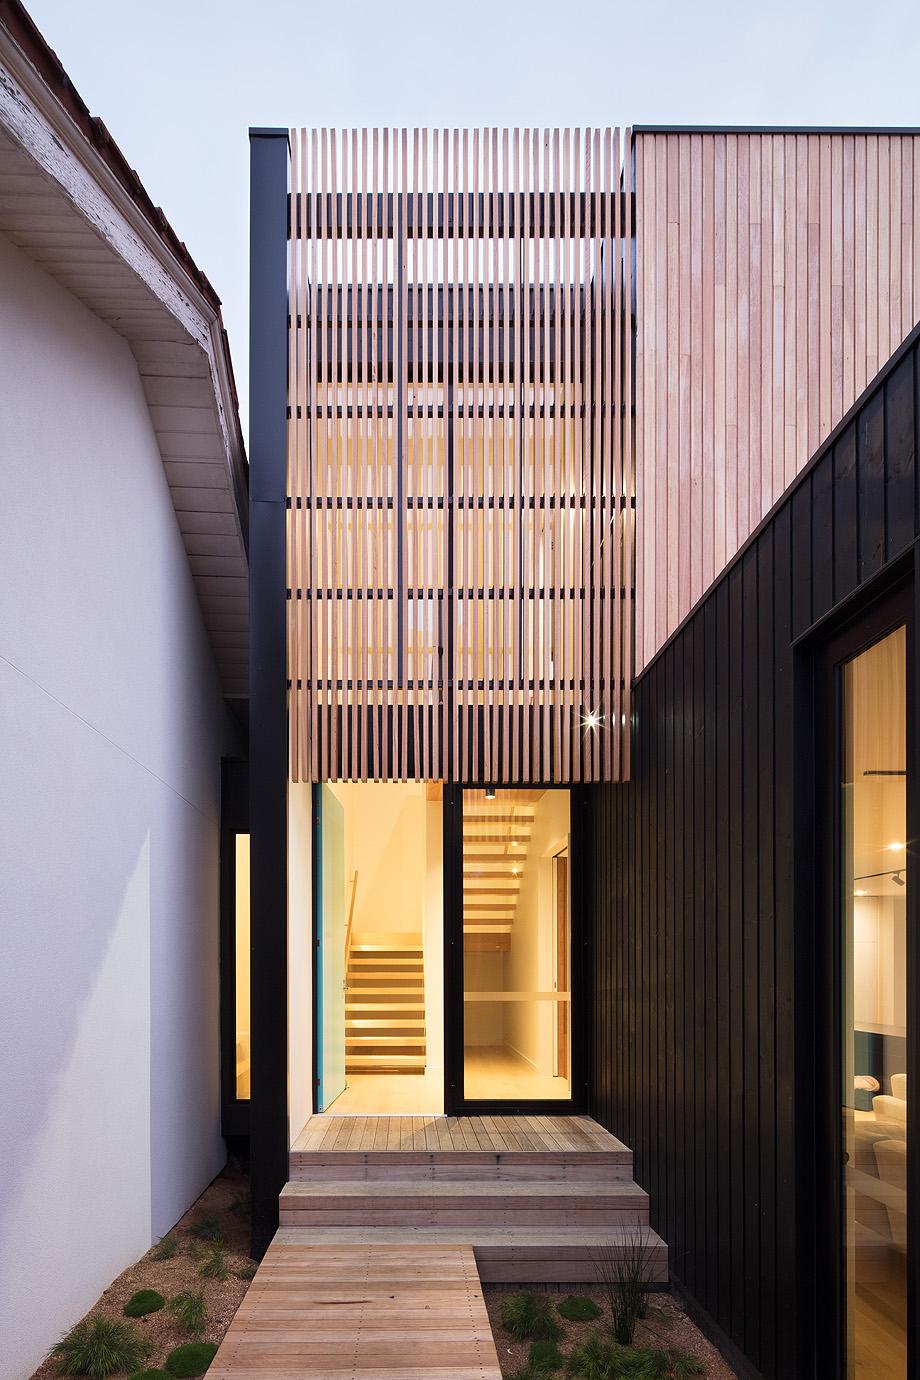 ampliación de una casa por modscape - foto john madden (1)